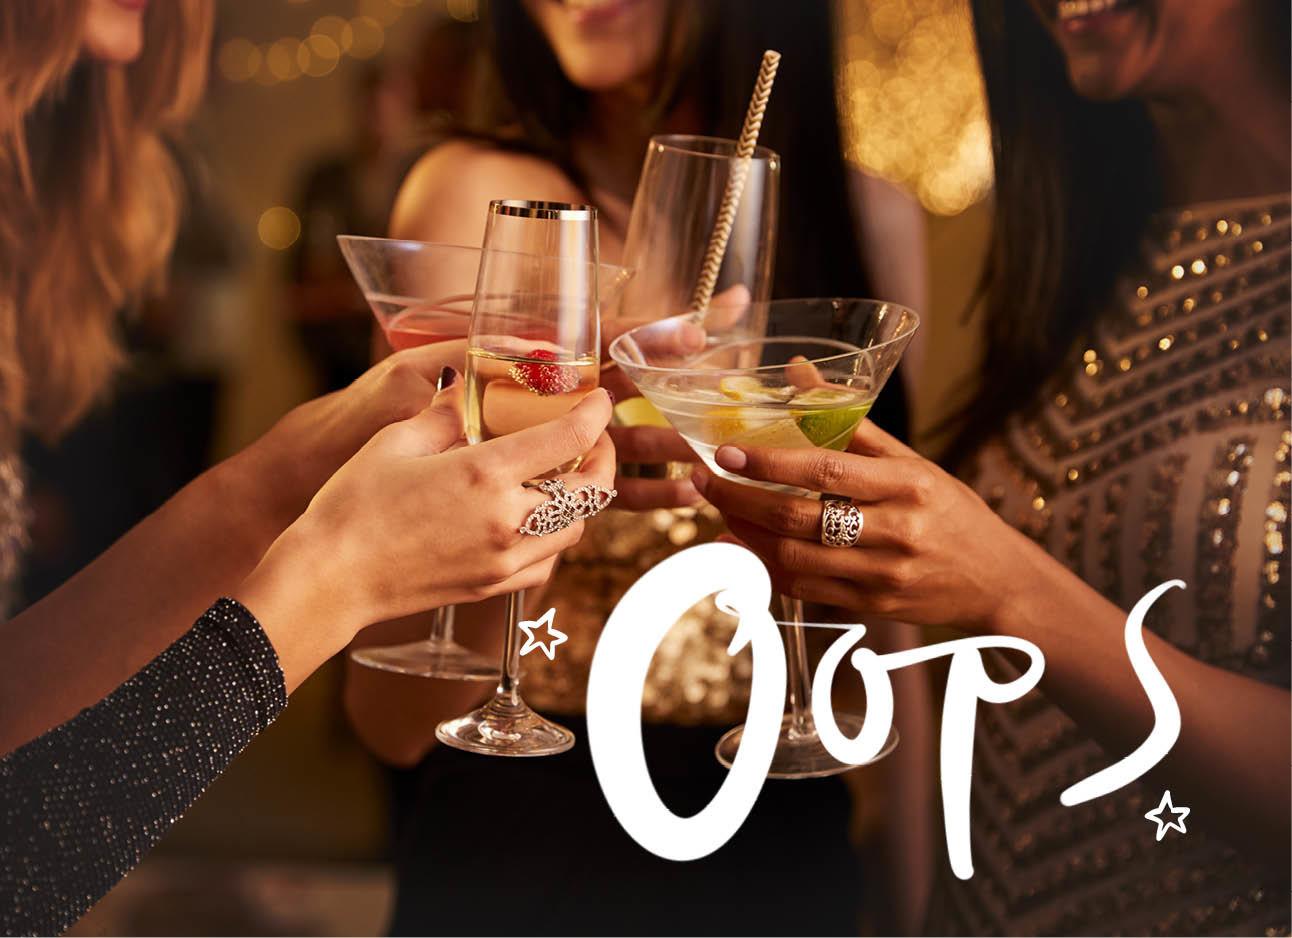 Op de foto staan meiden met glazen drank in hun handen op een feestje